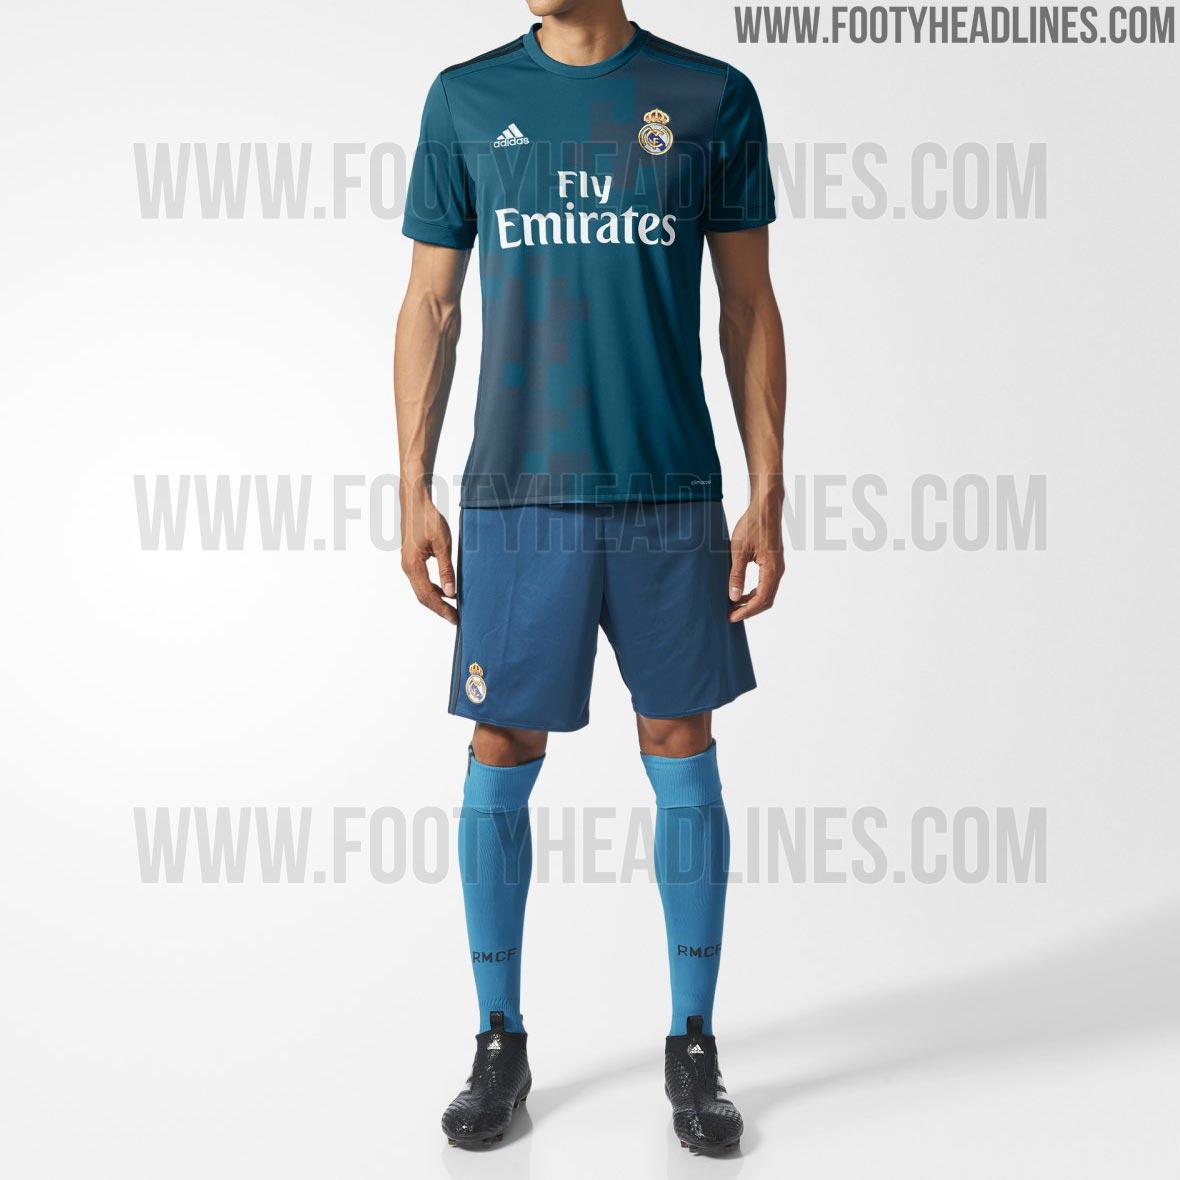 Sorprendente nueva tercera equipación para el Real Madrid 2017 18 10c860d786d1c